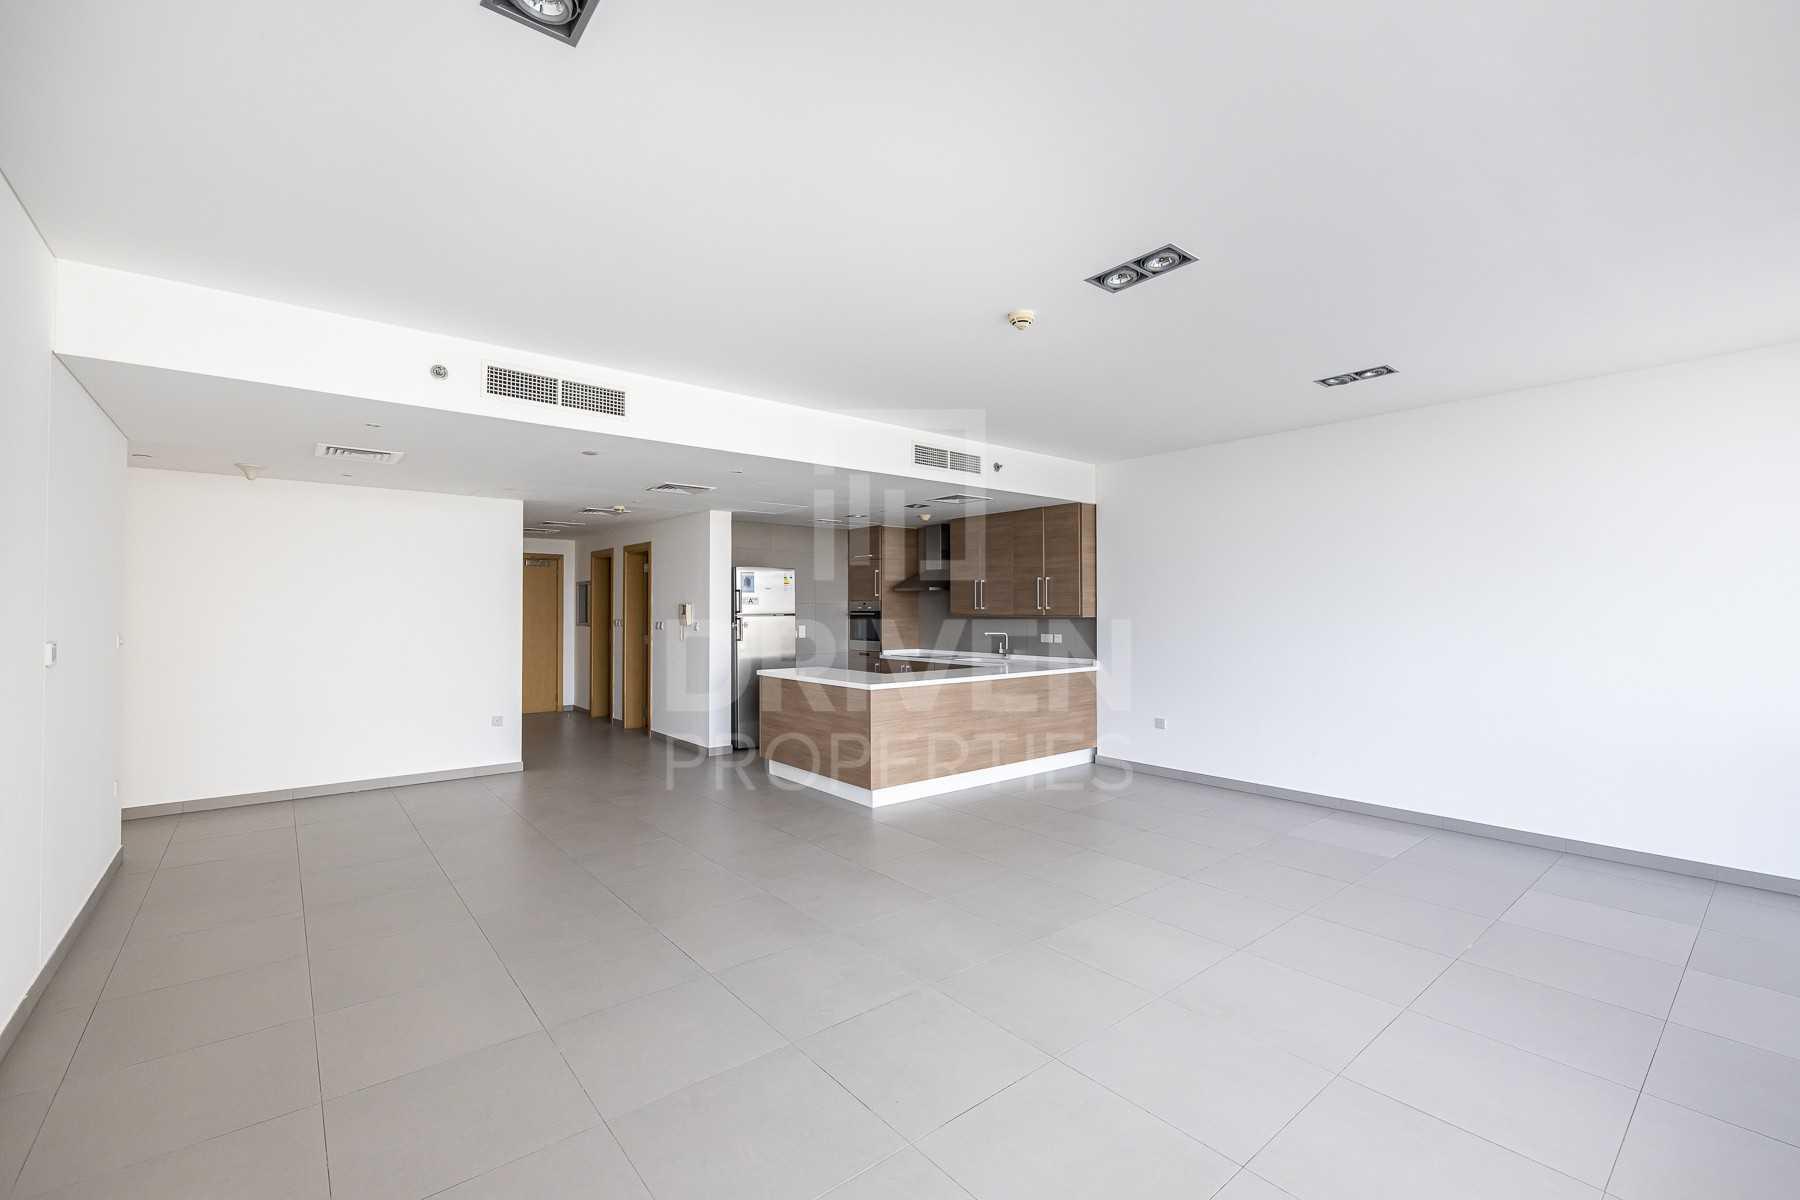 Luxurious Apartment | Kitchen Appliances